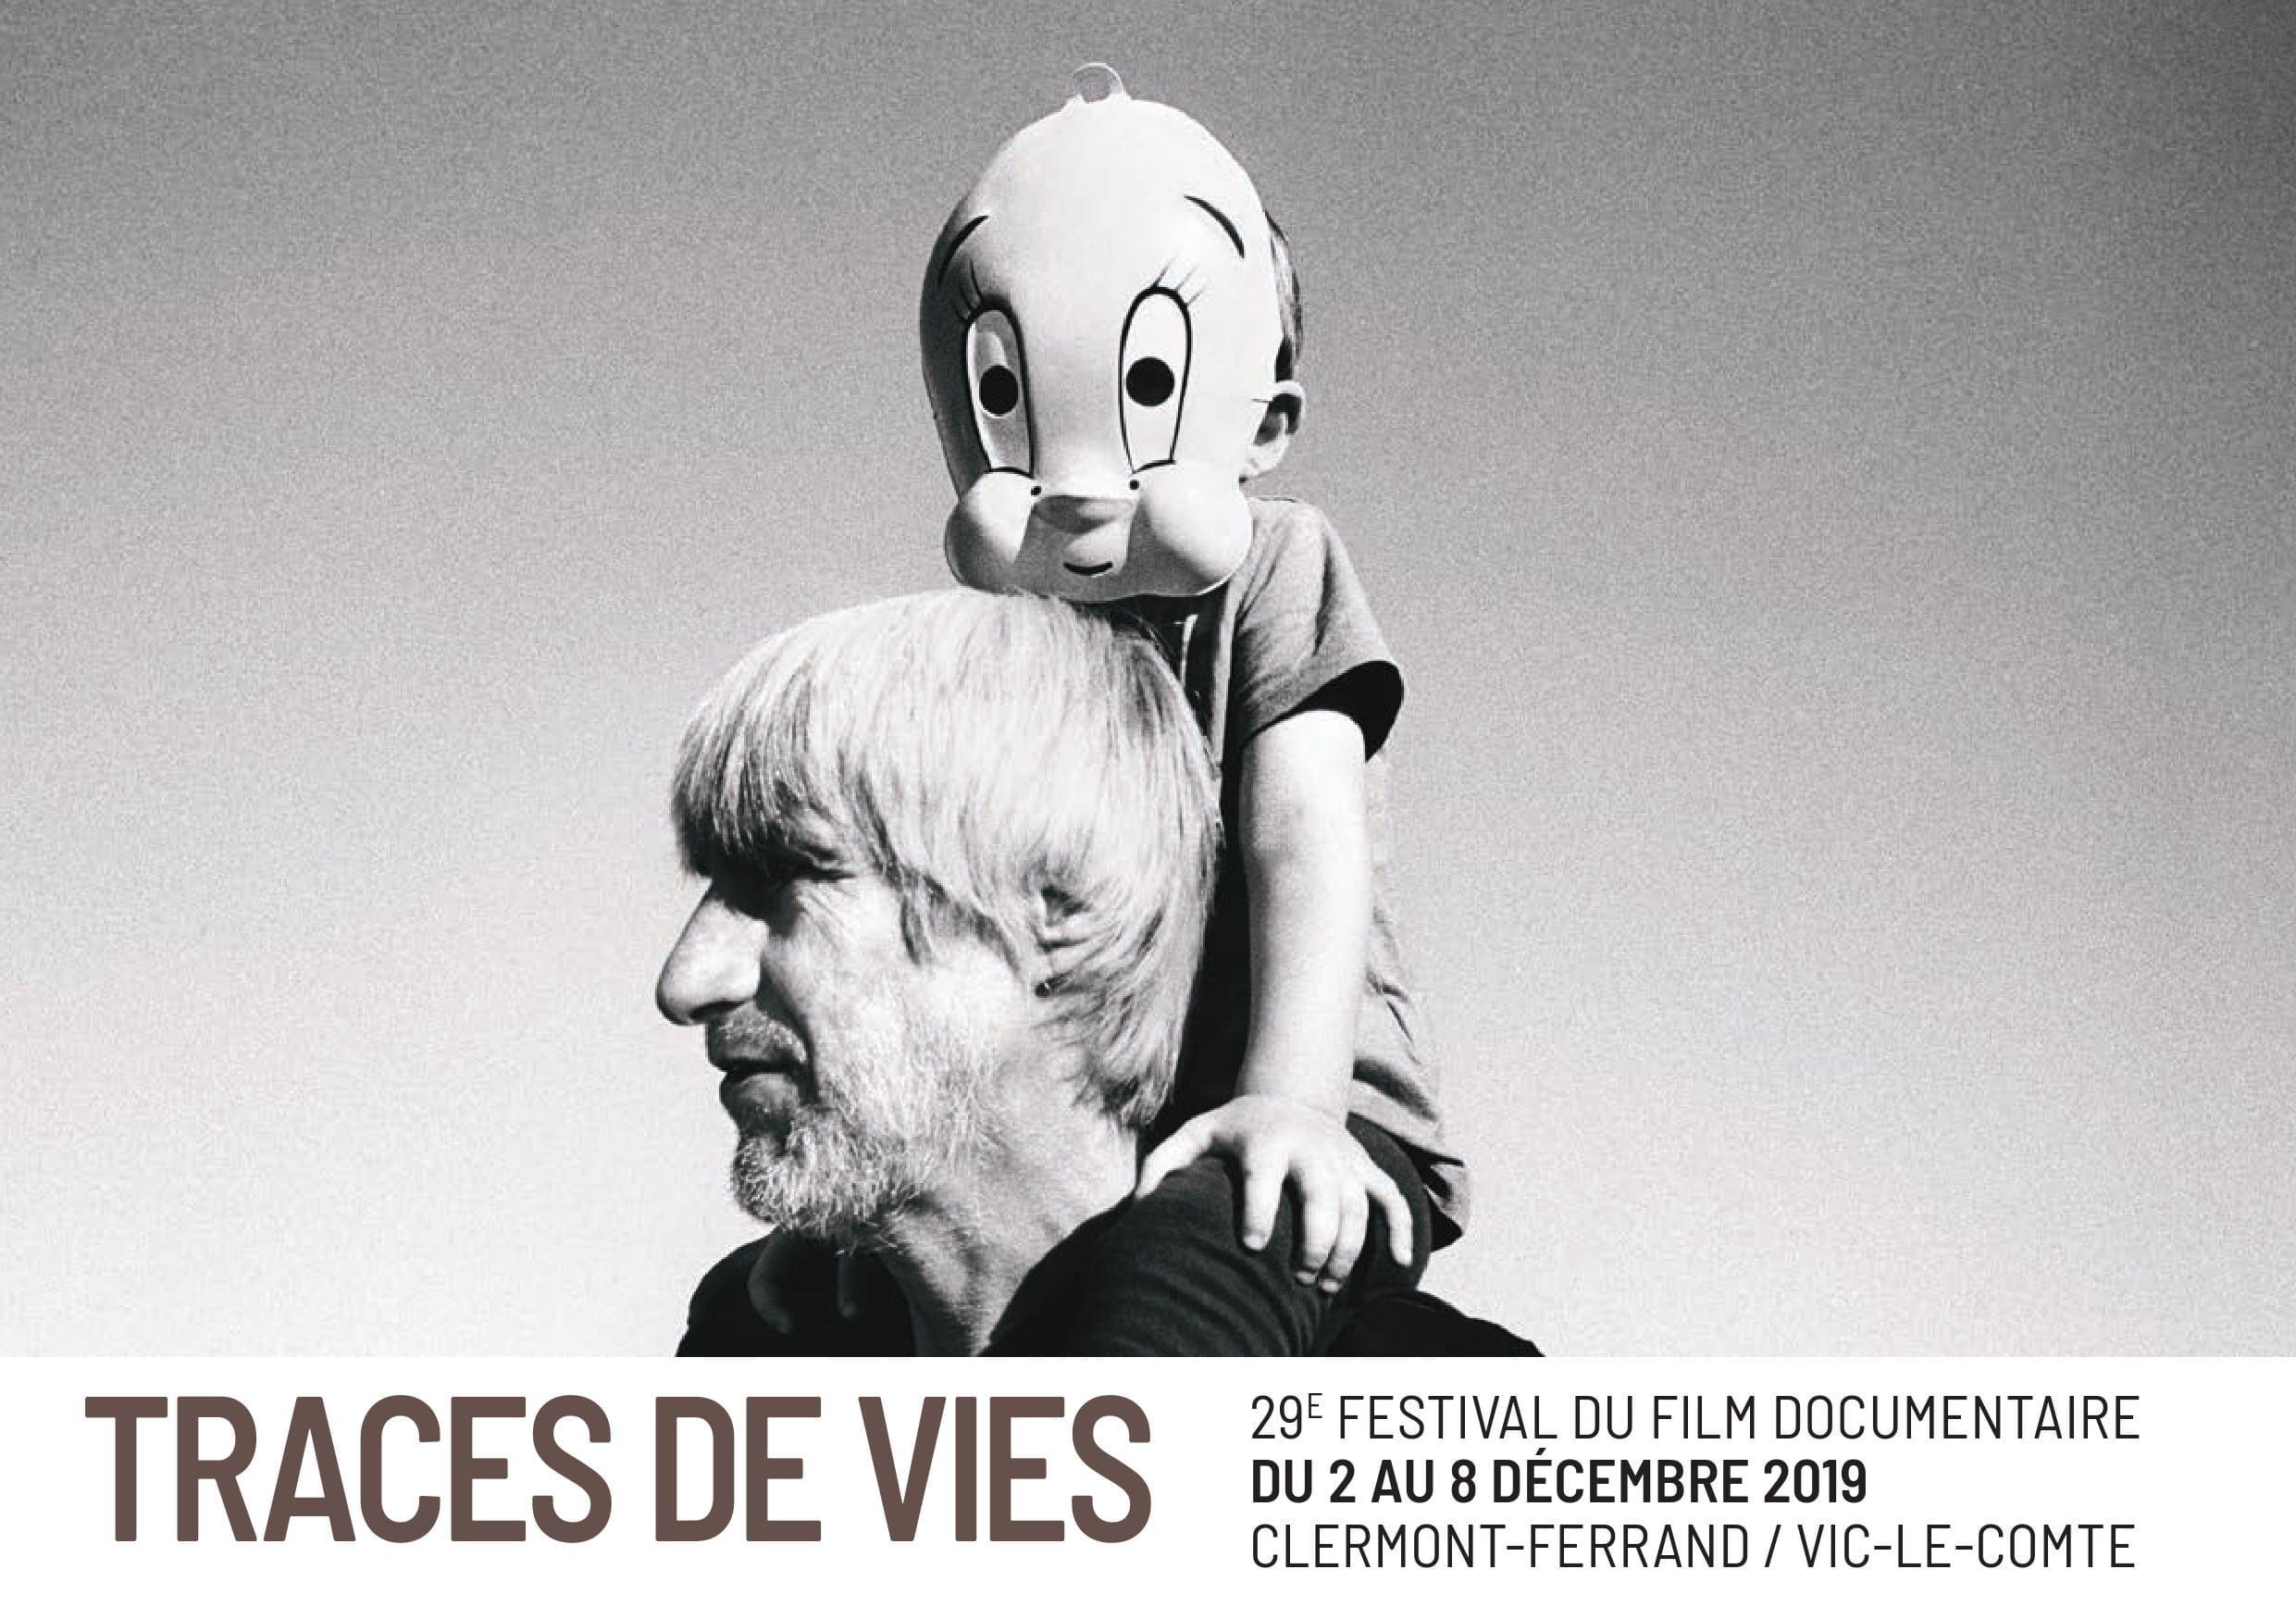 Festival Traces de vies 2019